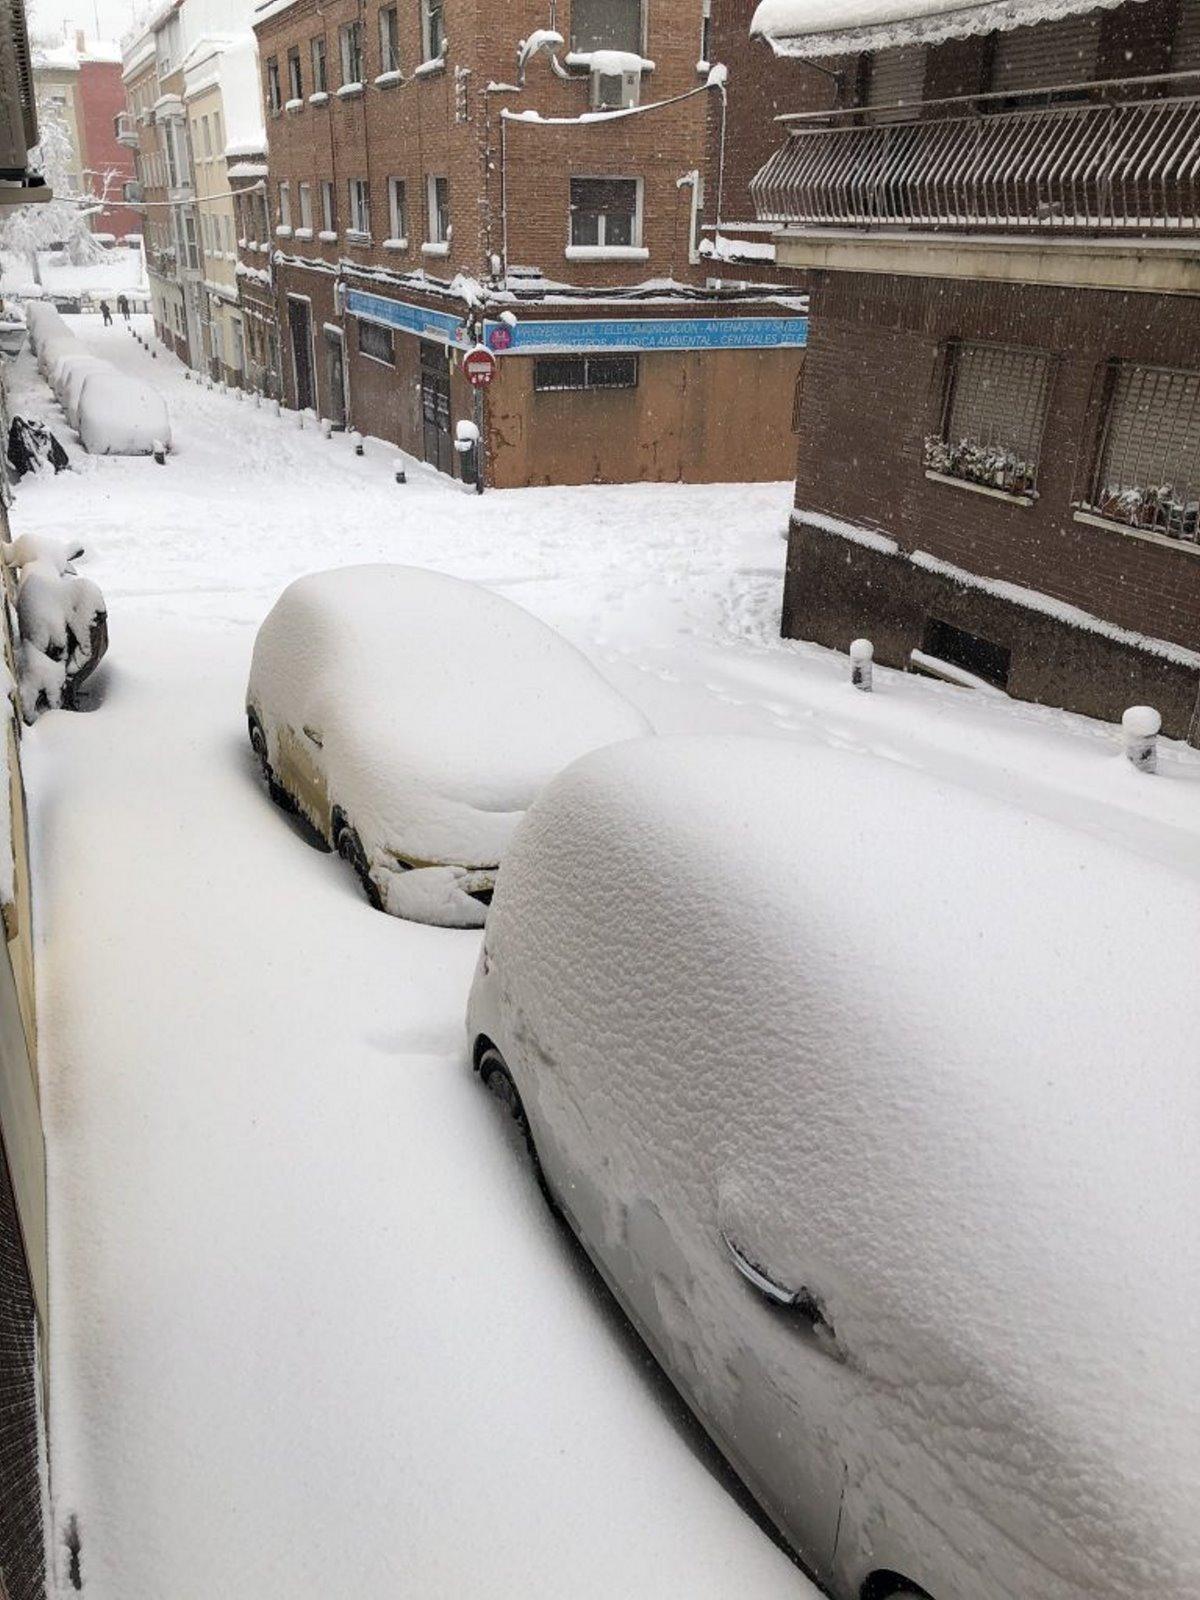 Χιόνια στη Μαδρίτη κάλυψαν την πόλη